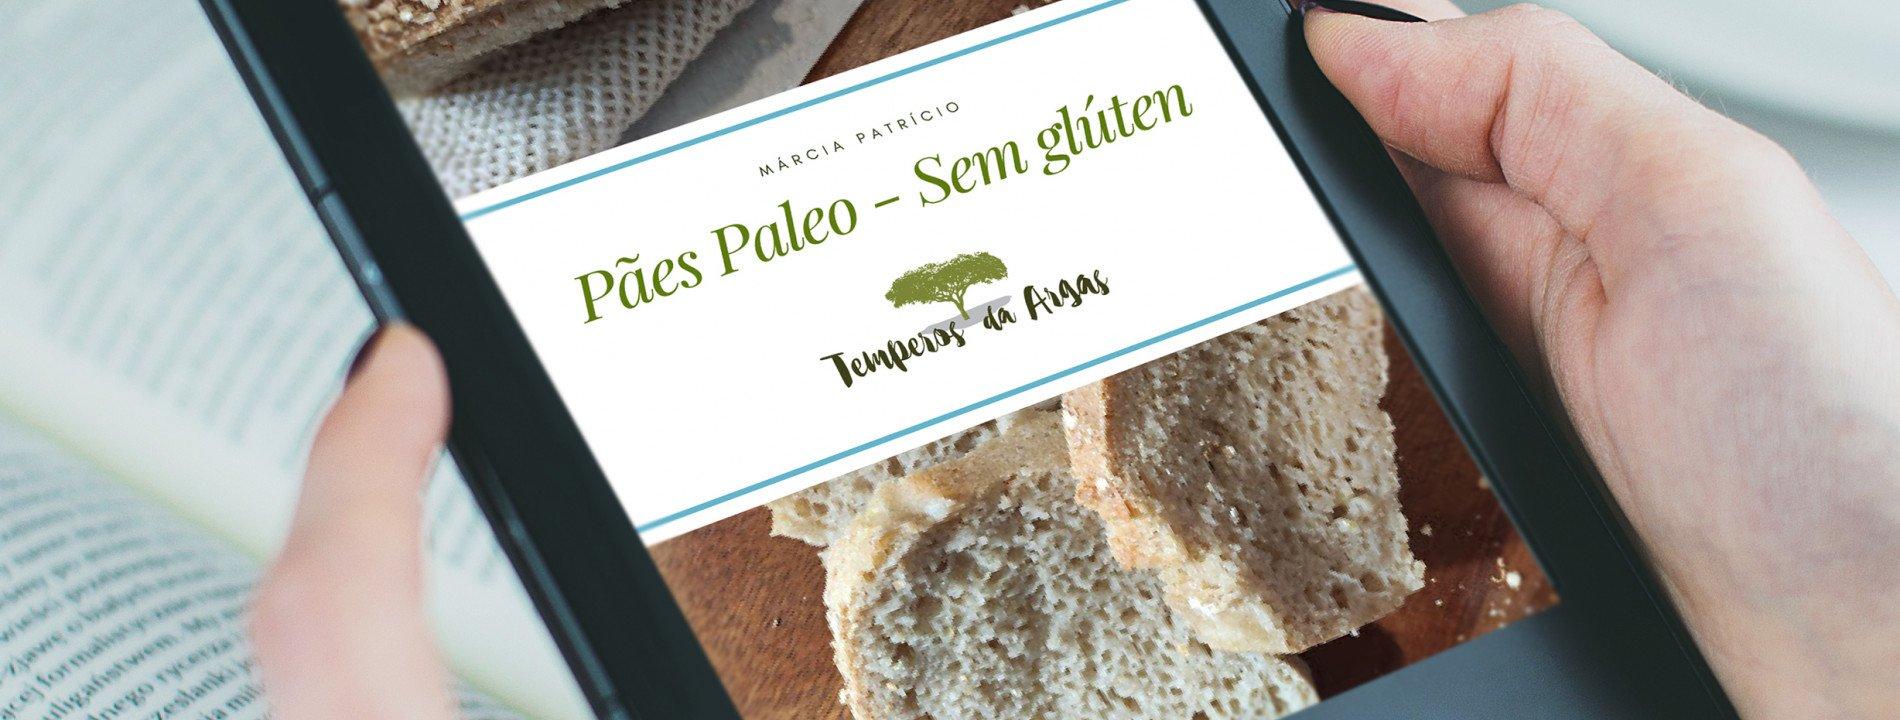 Paleo Breads, Gluten Free